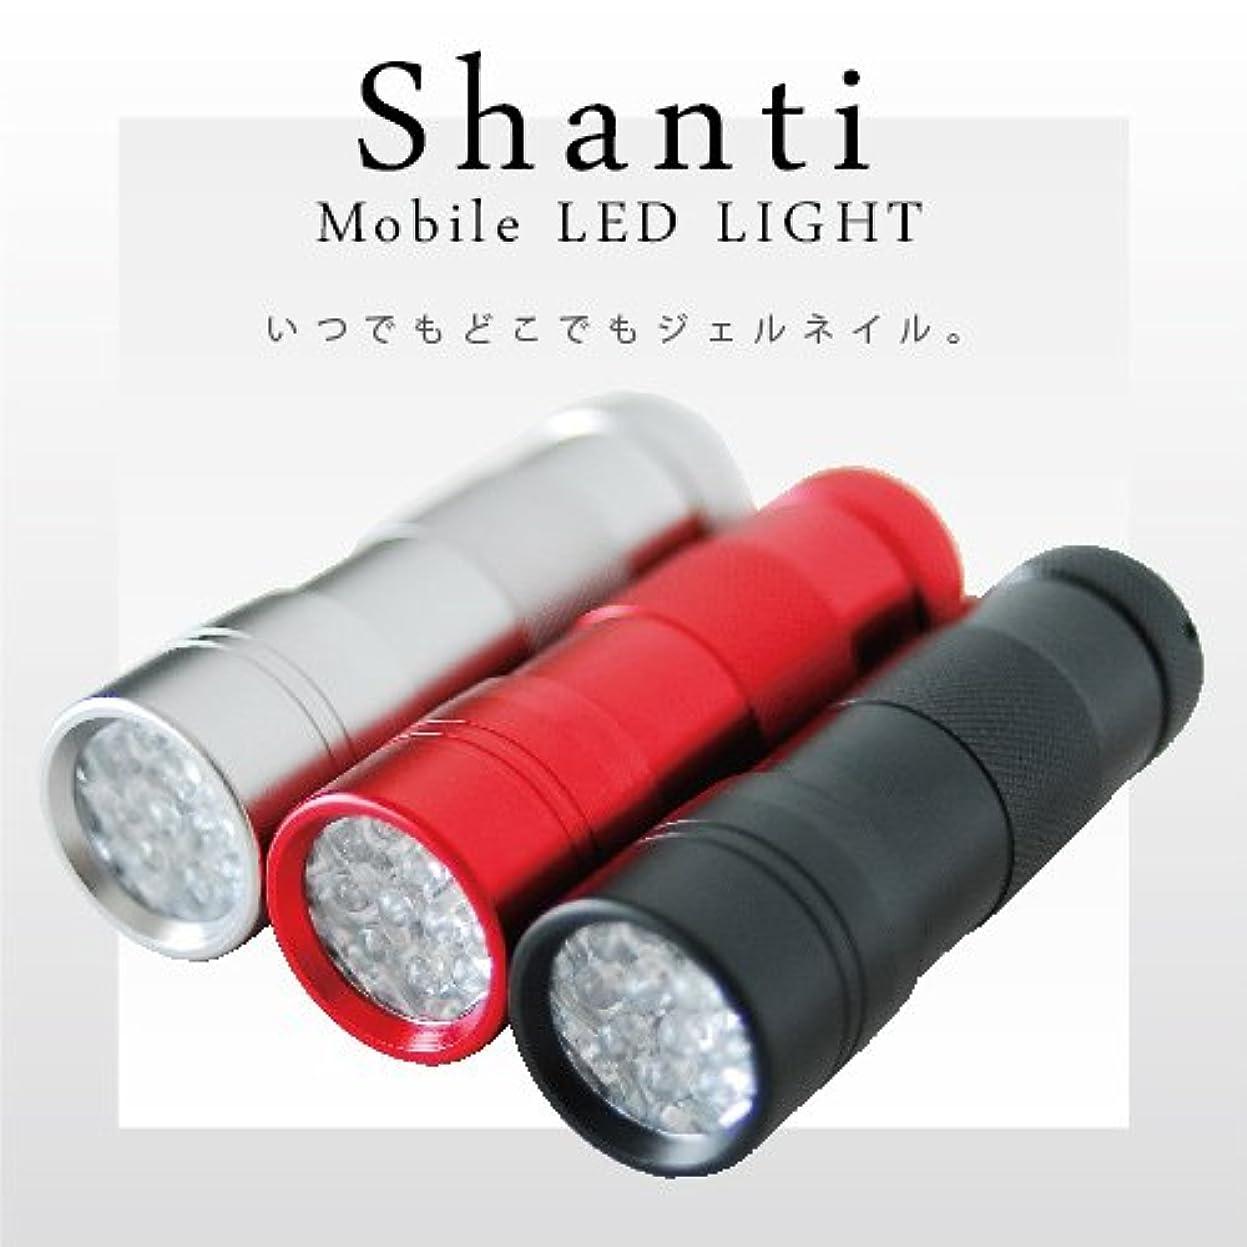 料理をする冒険家肺炎ジェルネイル用UVライト ペン型LEDライト Shanti Mobile LED ペン型ポータブルLEDライト カラー:シルバー  携帯用ハンドライト